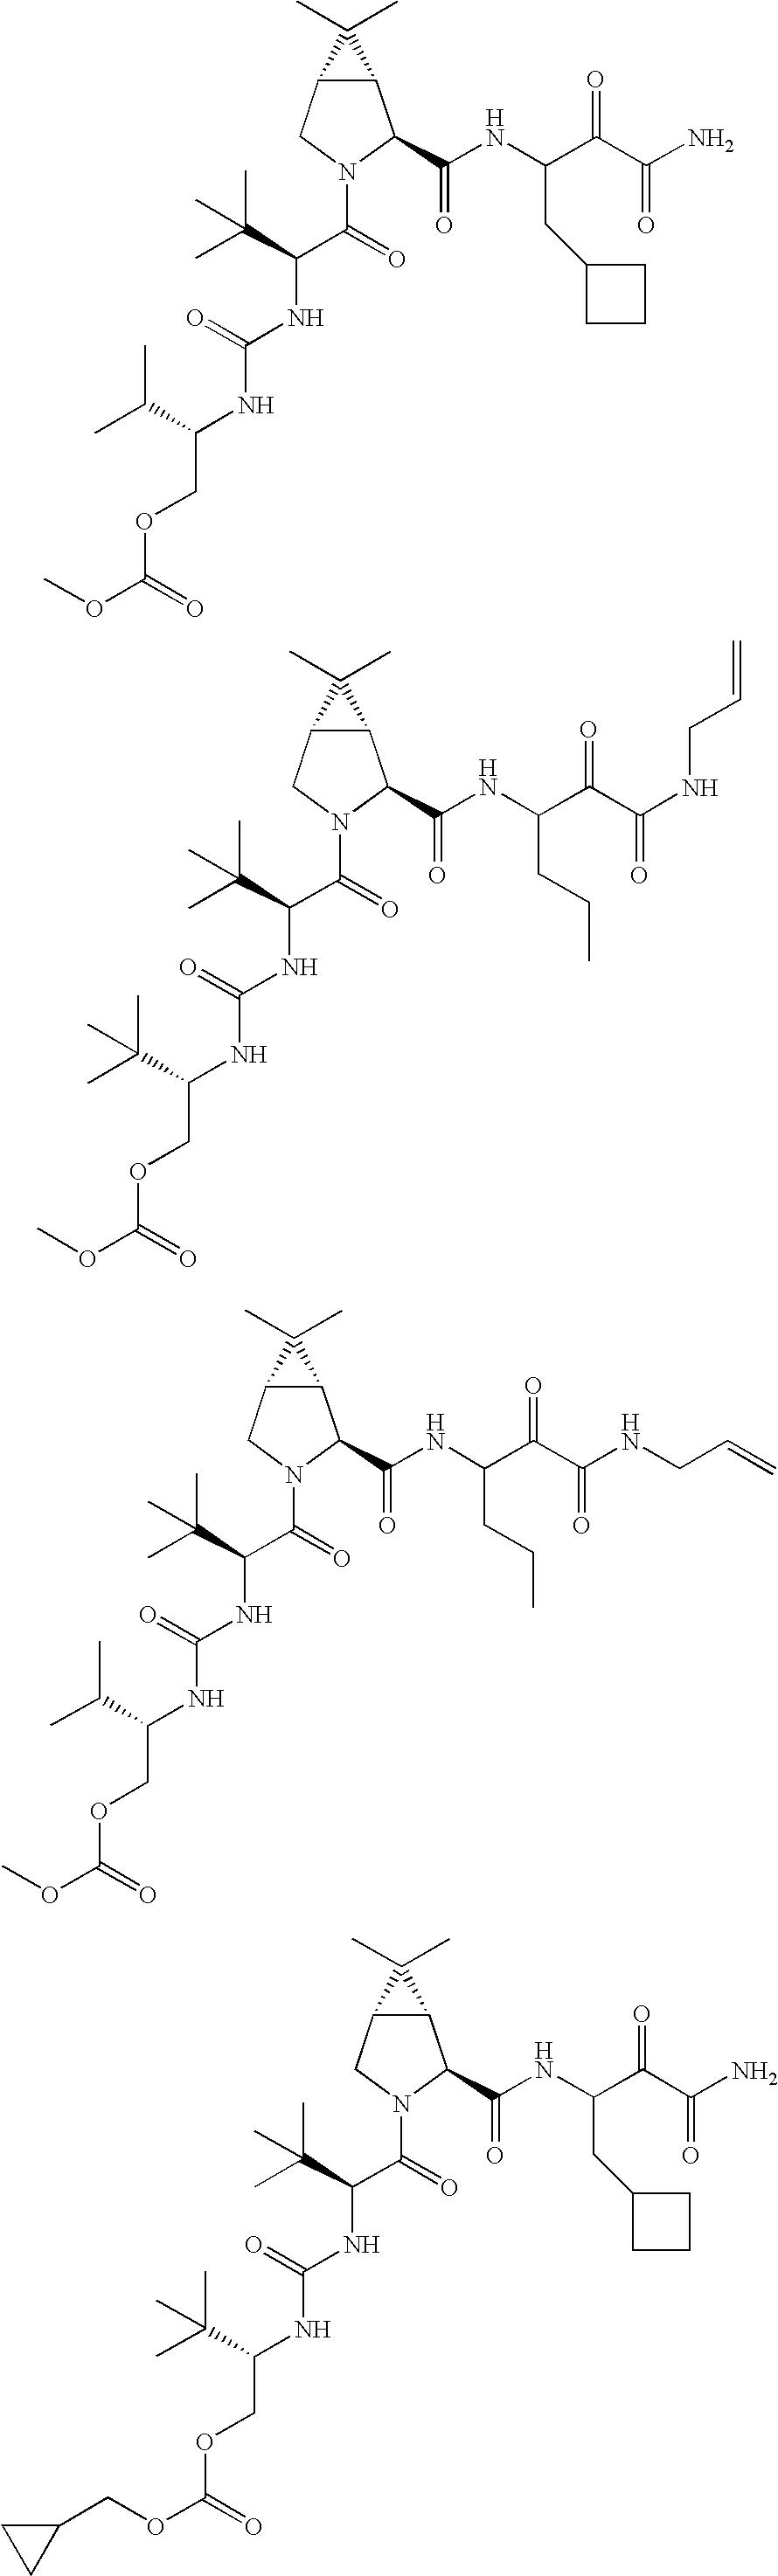 Figure US20060287248A1-20061221-C00360